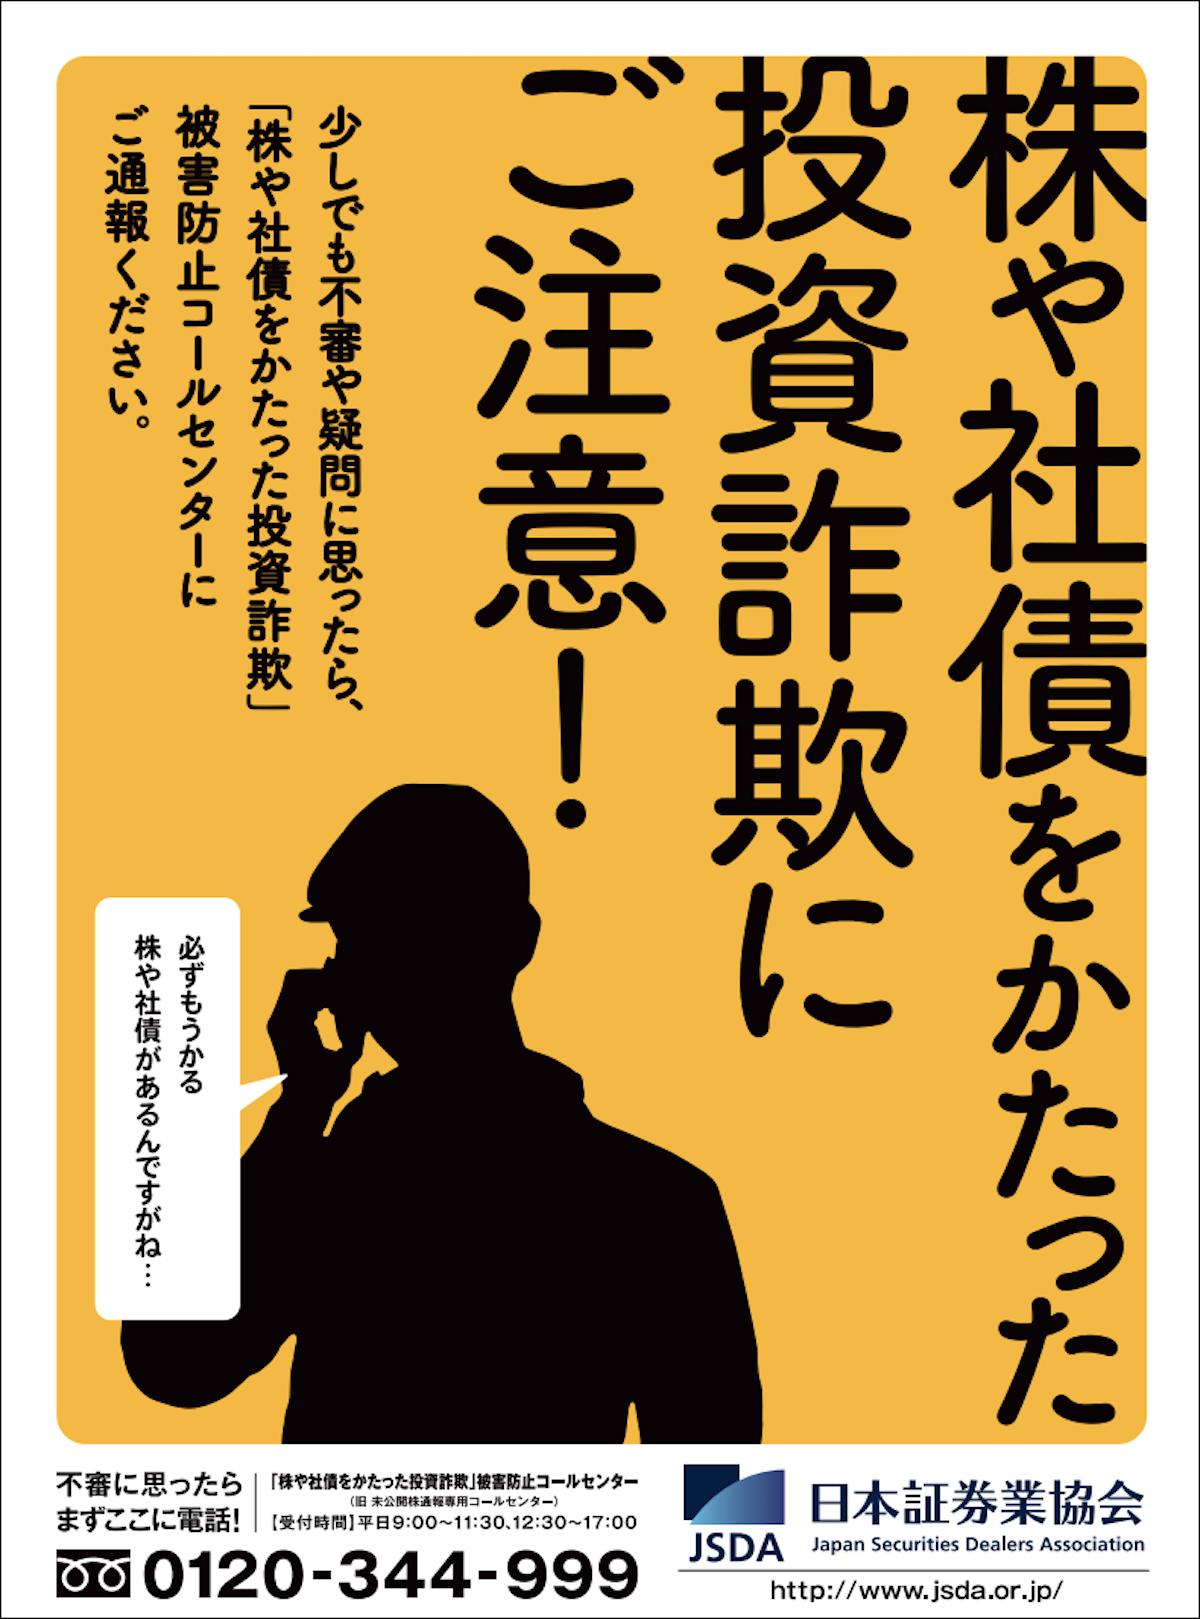 「株や社債をかたった投資詐欺にご注意!」日本証券業協会